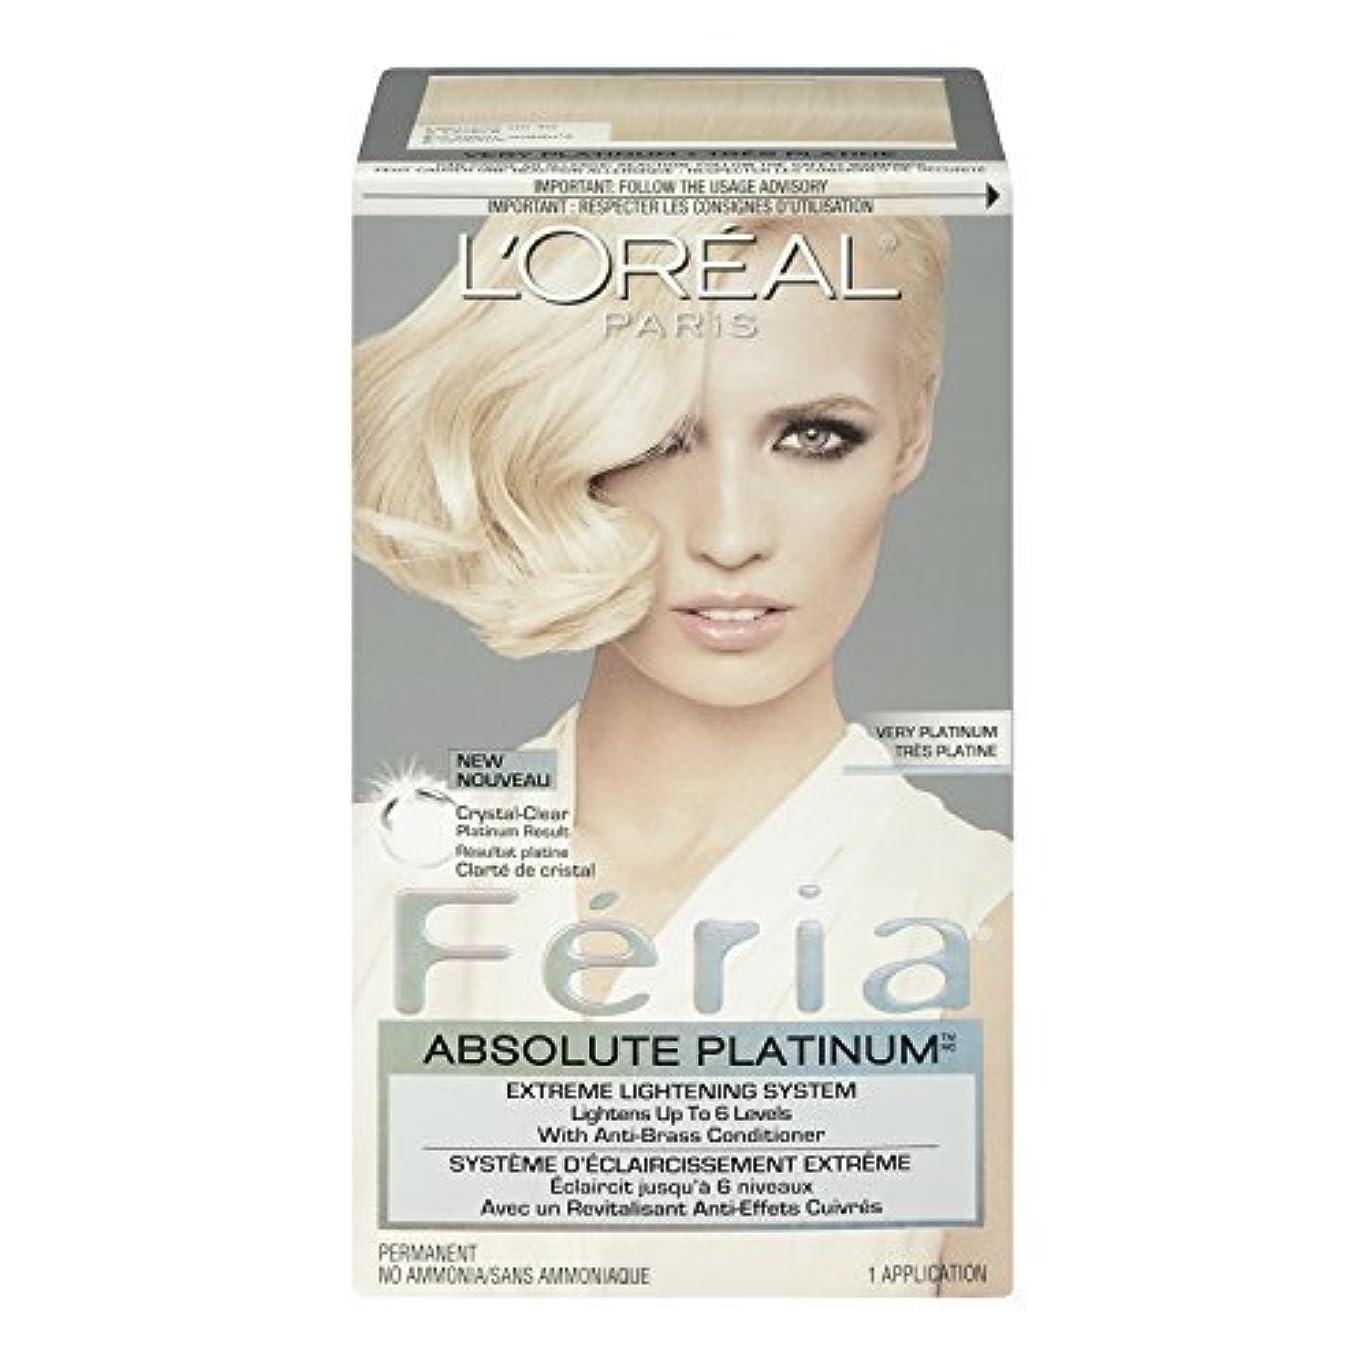 クロスシーン理容師L'Oreal Feria Absolute Platinums Hair Color, Very Platinum by L'Oreal Paris Hair Color [並行輸入品]